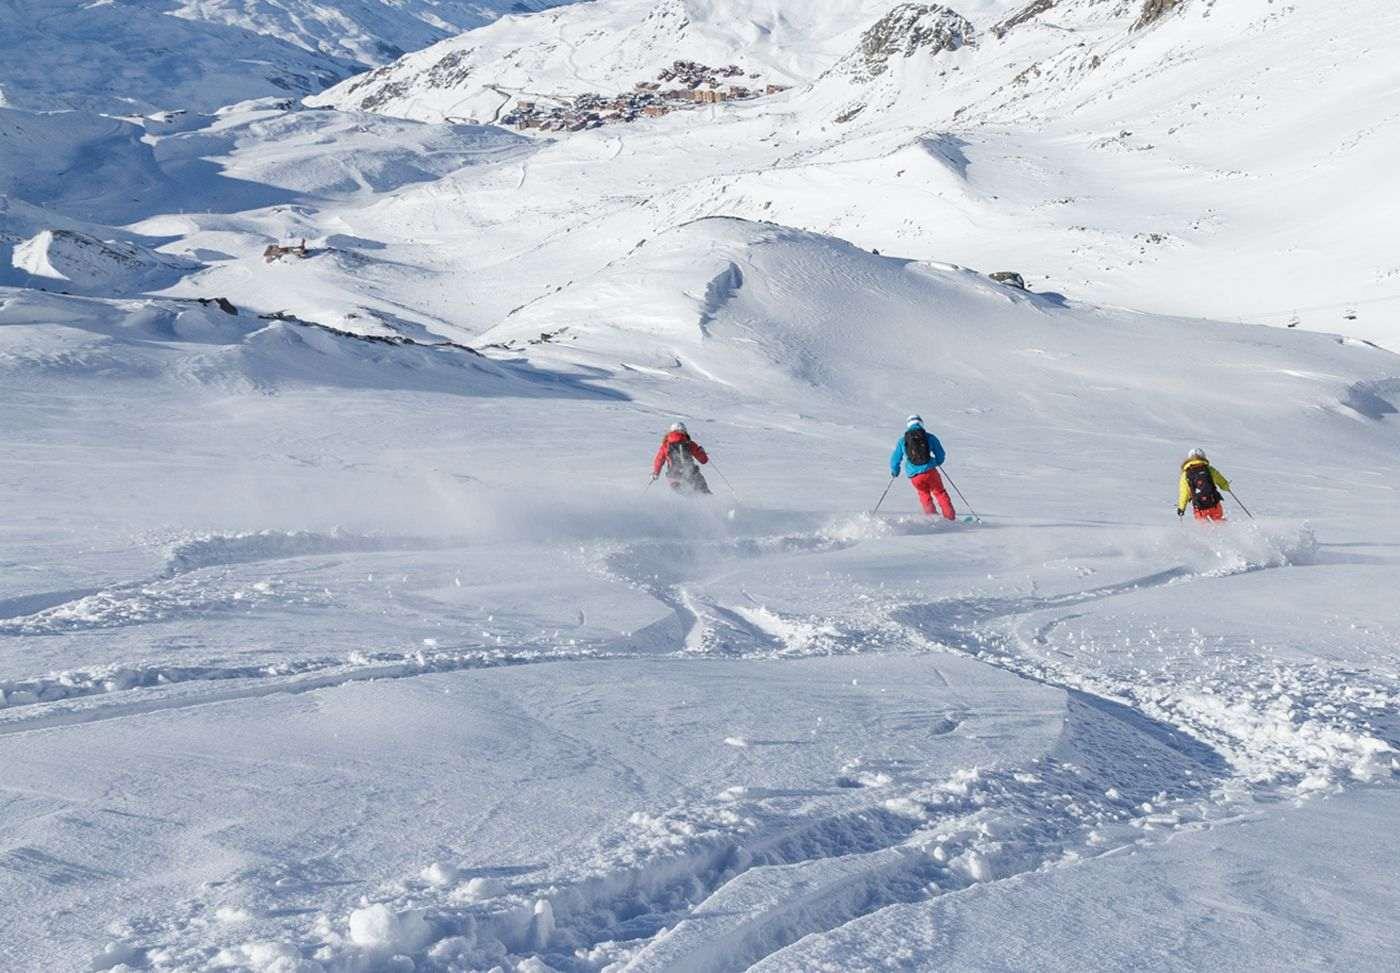 Alpes franceses en el Puente de diciembre: ¡Garantía de nieve!